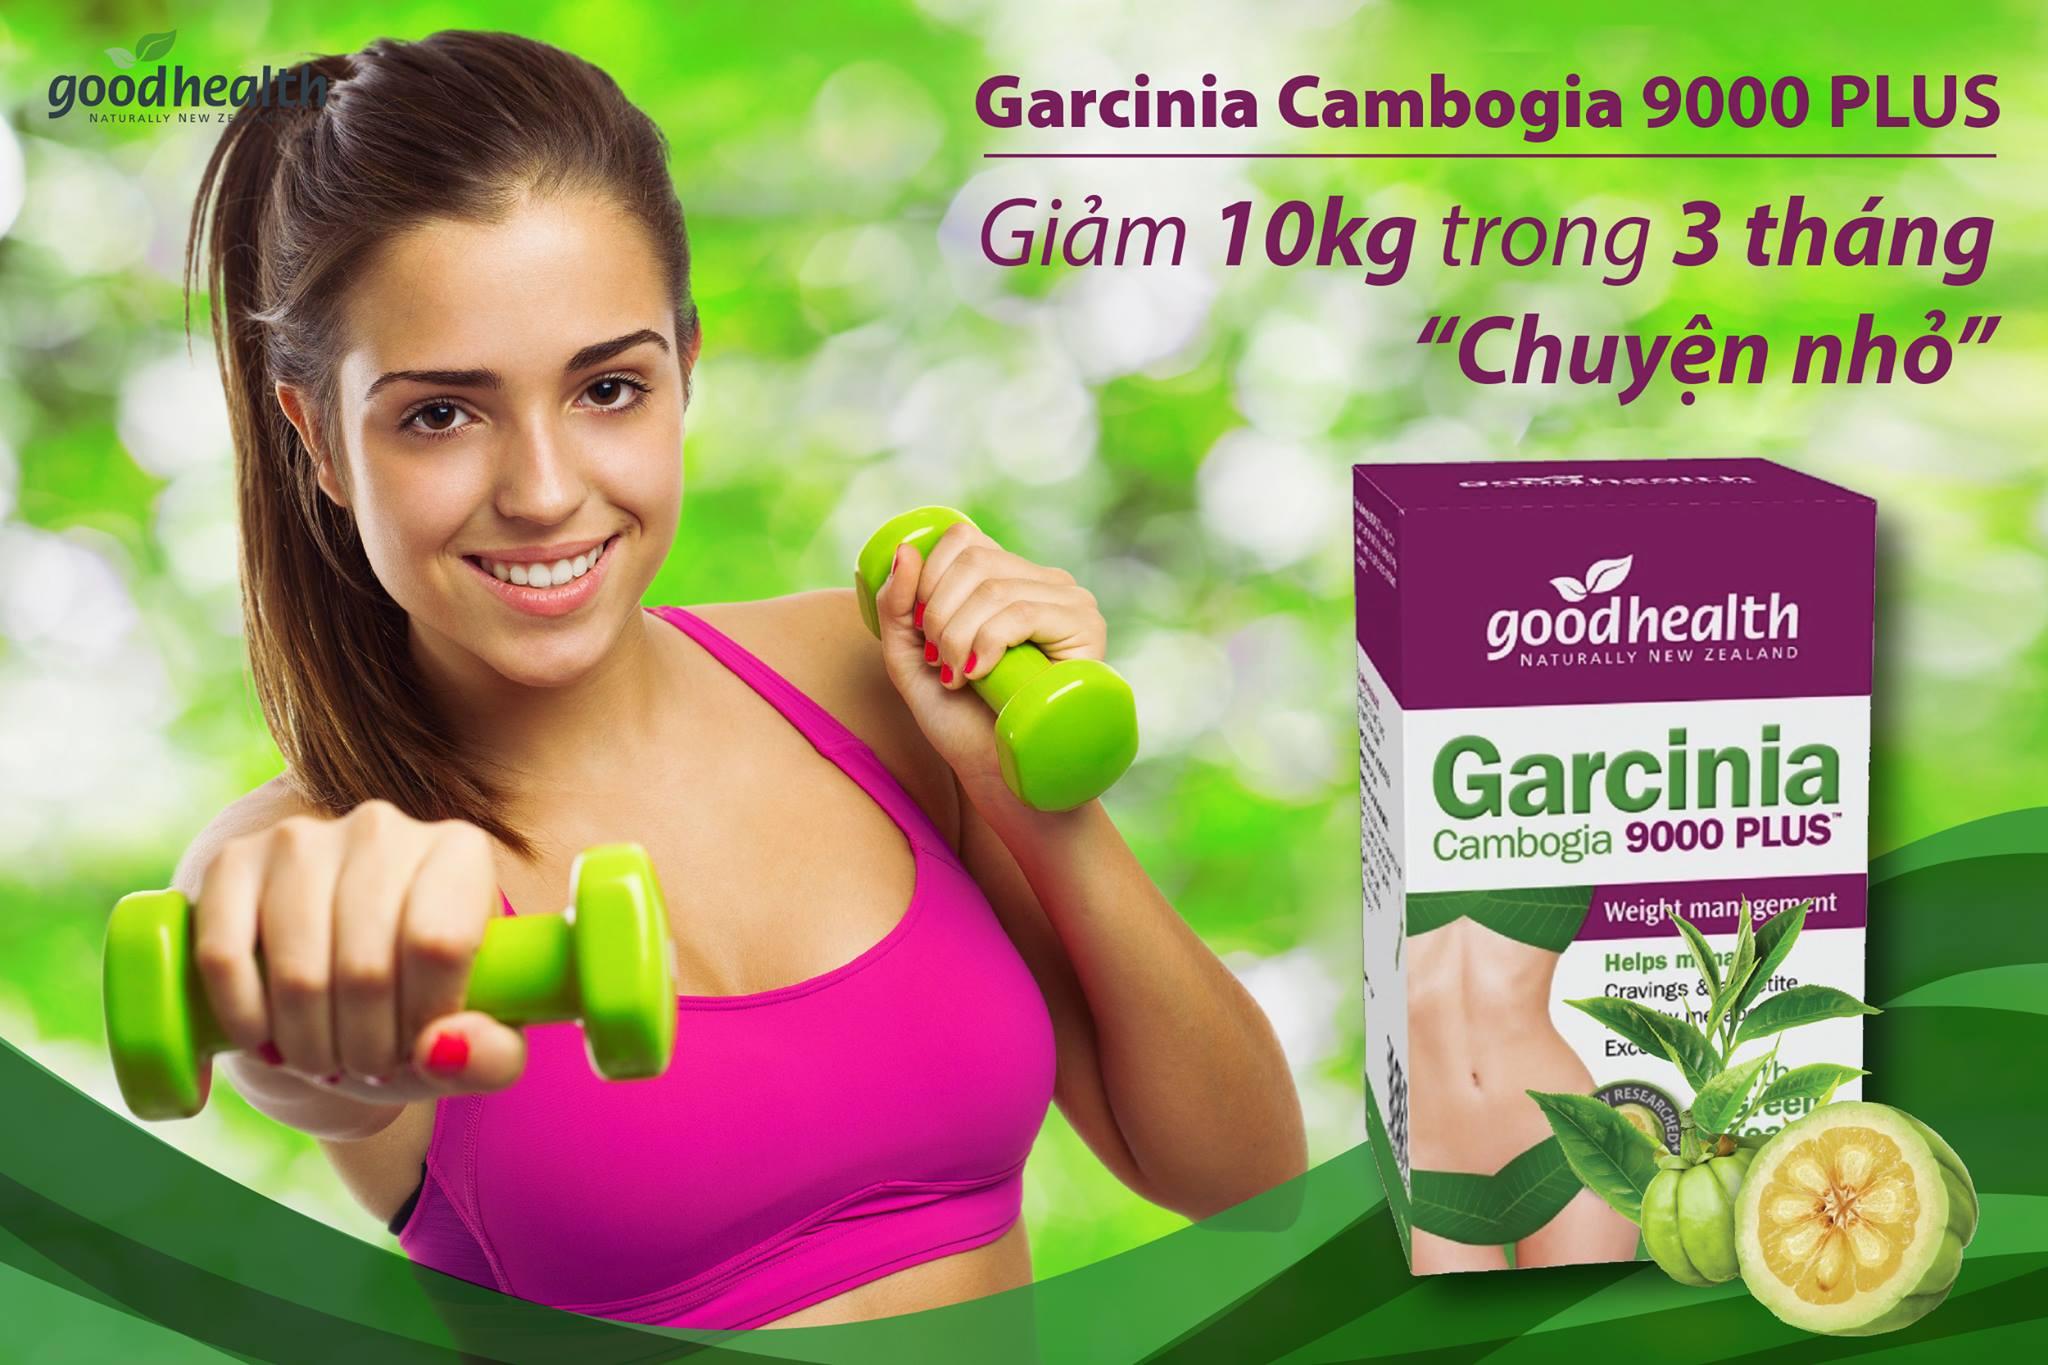 """Thuốc giảm cân Garcinia Cambogia – được mệnh danh là """"thánh giảm cân"""" hiện nay được rất nhiều người tin dùng bởi hiệu quả giảm cân và sự an toàn cho người dùng. Vậy công dụng và những ưu điểm của loại thuốc giảm cân này là gì?"""